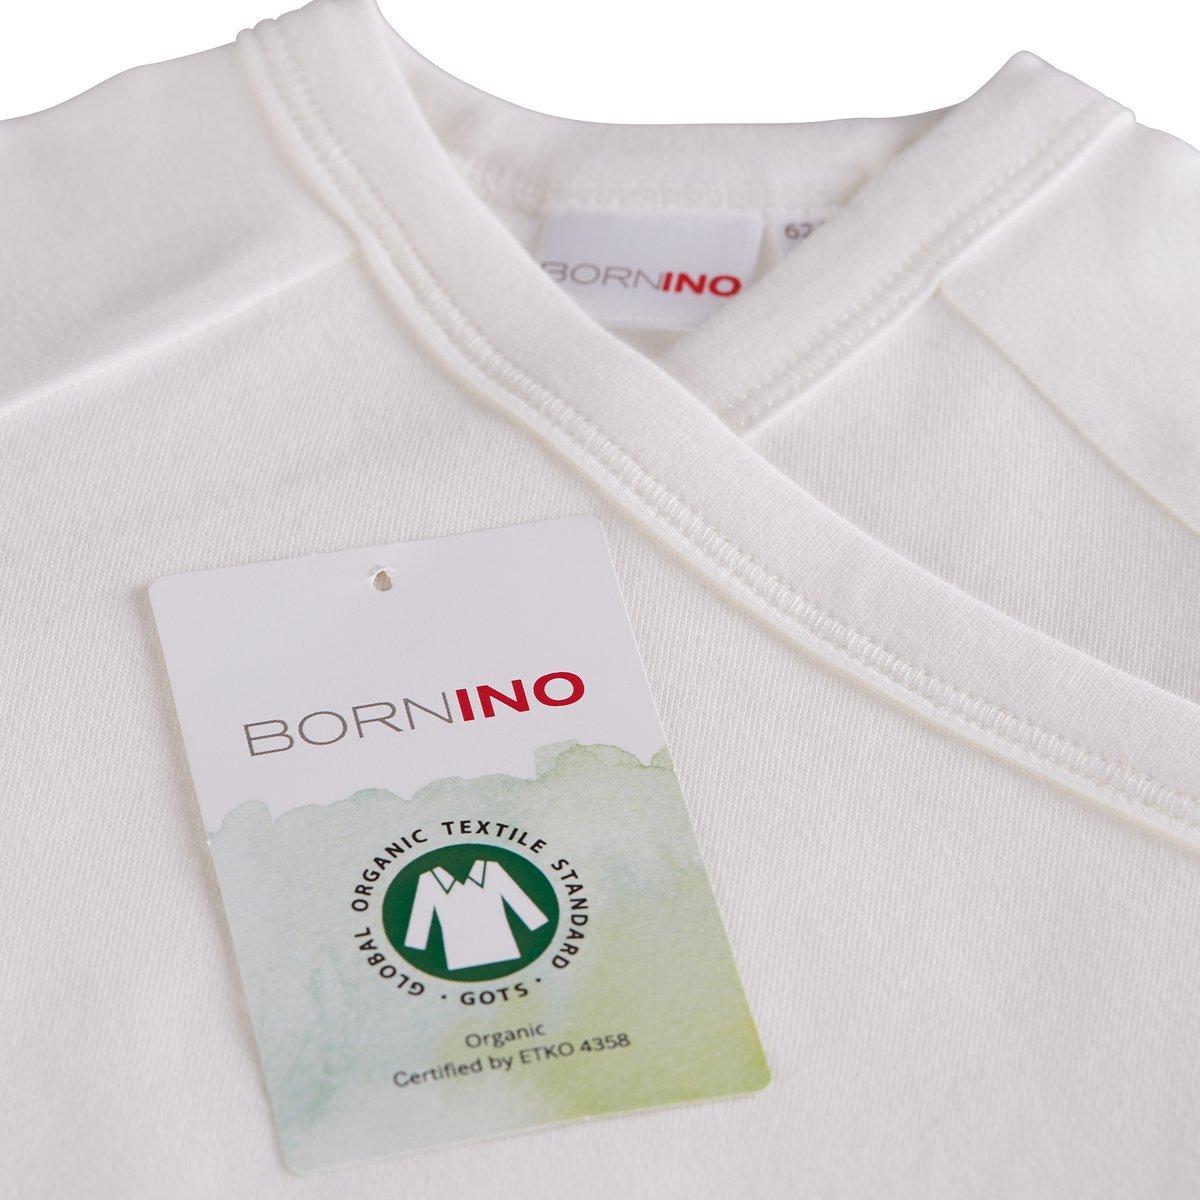 Bornino Le Body Portefeuille à Manches Courtes bébé  Bornino  Amazon.fr   Vêtements et accessoires 9fcb979b154